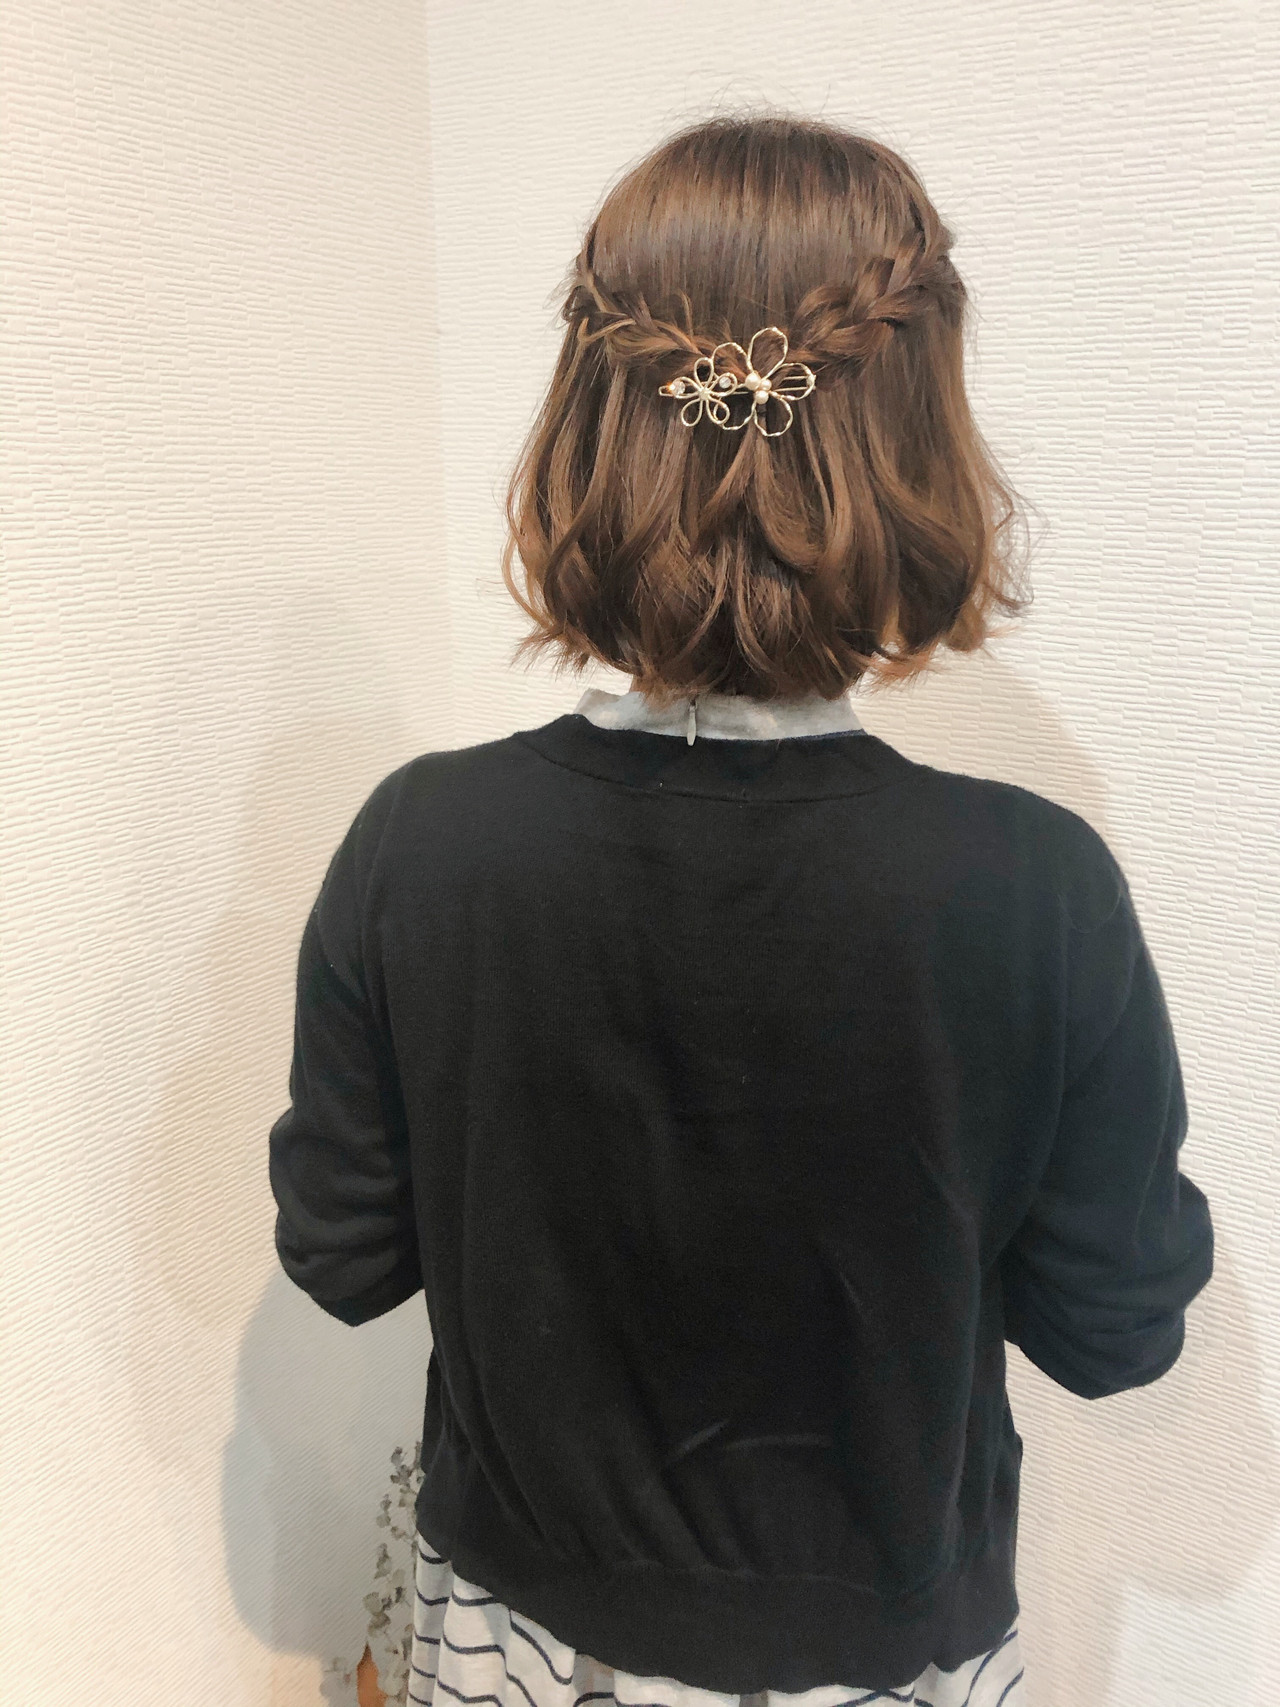 ハーフアップ 編み込み ショートアレンジ ショート ヘアスタイルや髪型の写真・画像